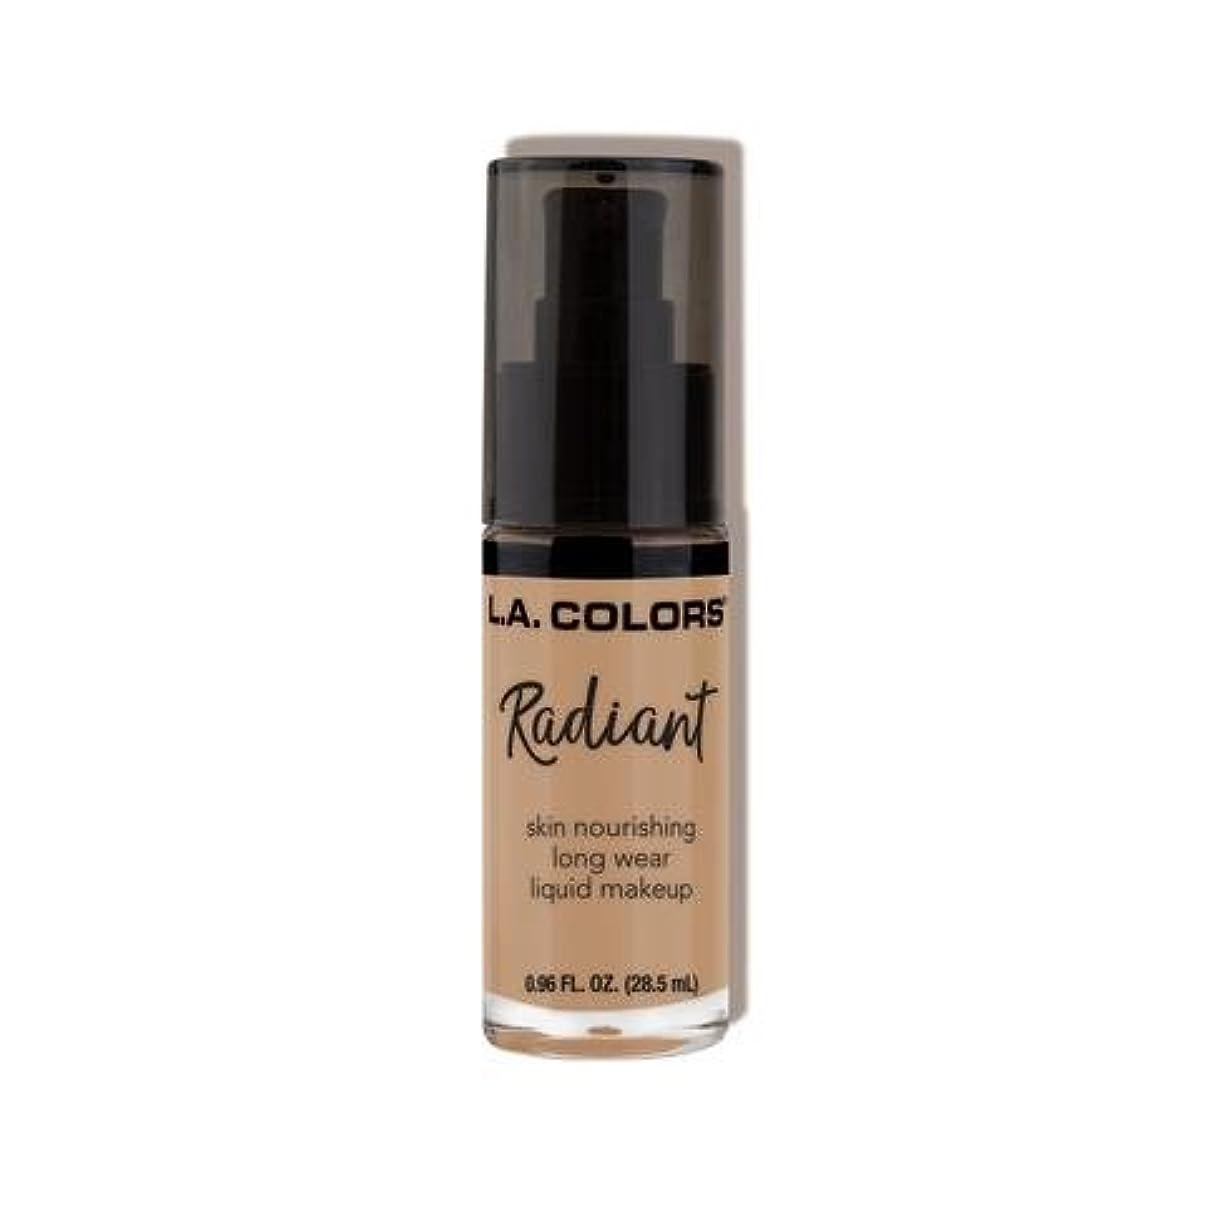 時間厳守バブル召喚する(3 Pack) L.A. COLORS Radiant Liquid Makeup - Medium Beige (並行輸入品)